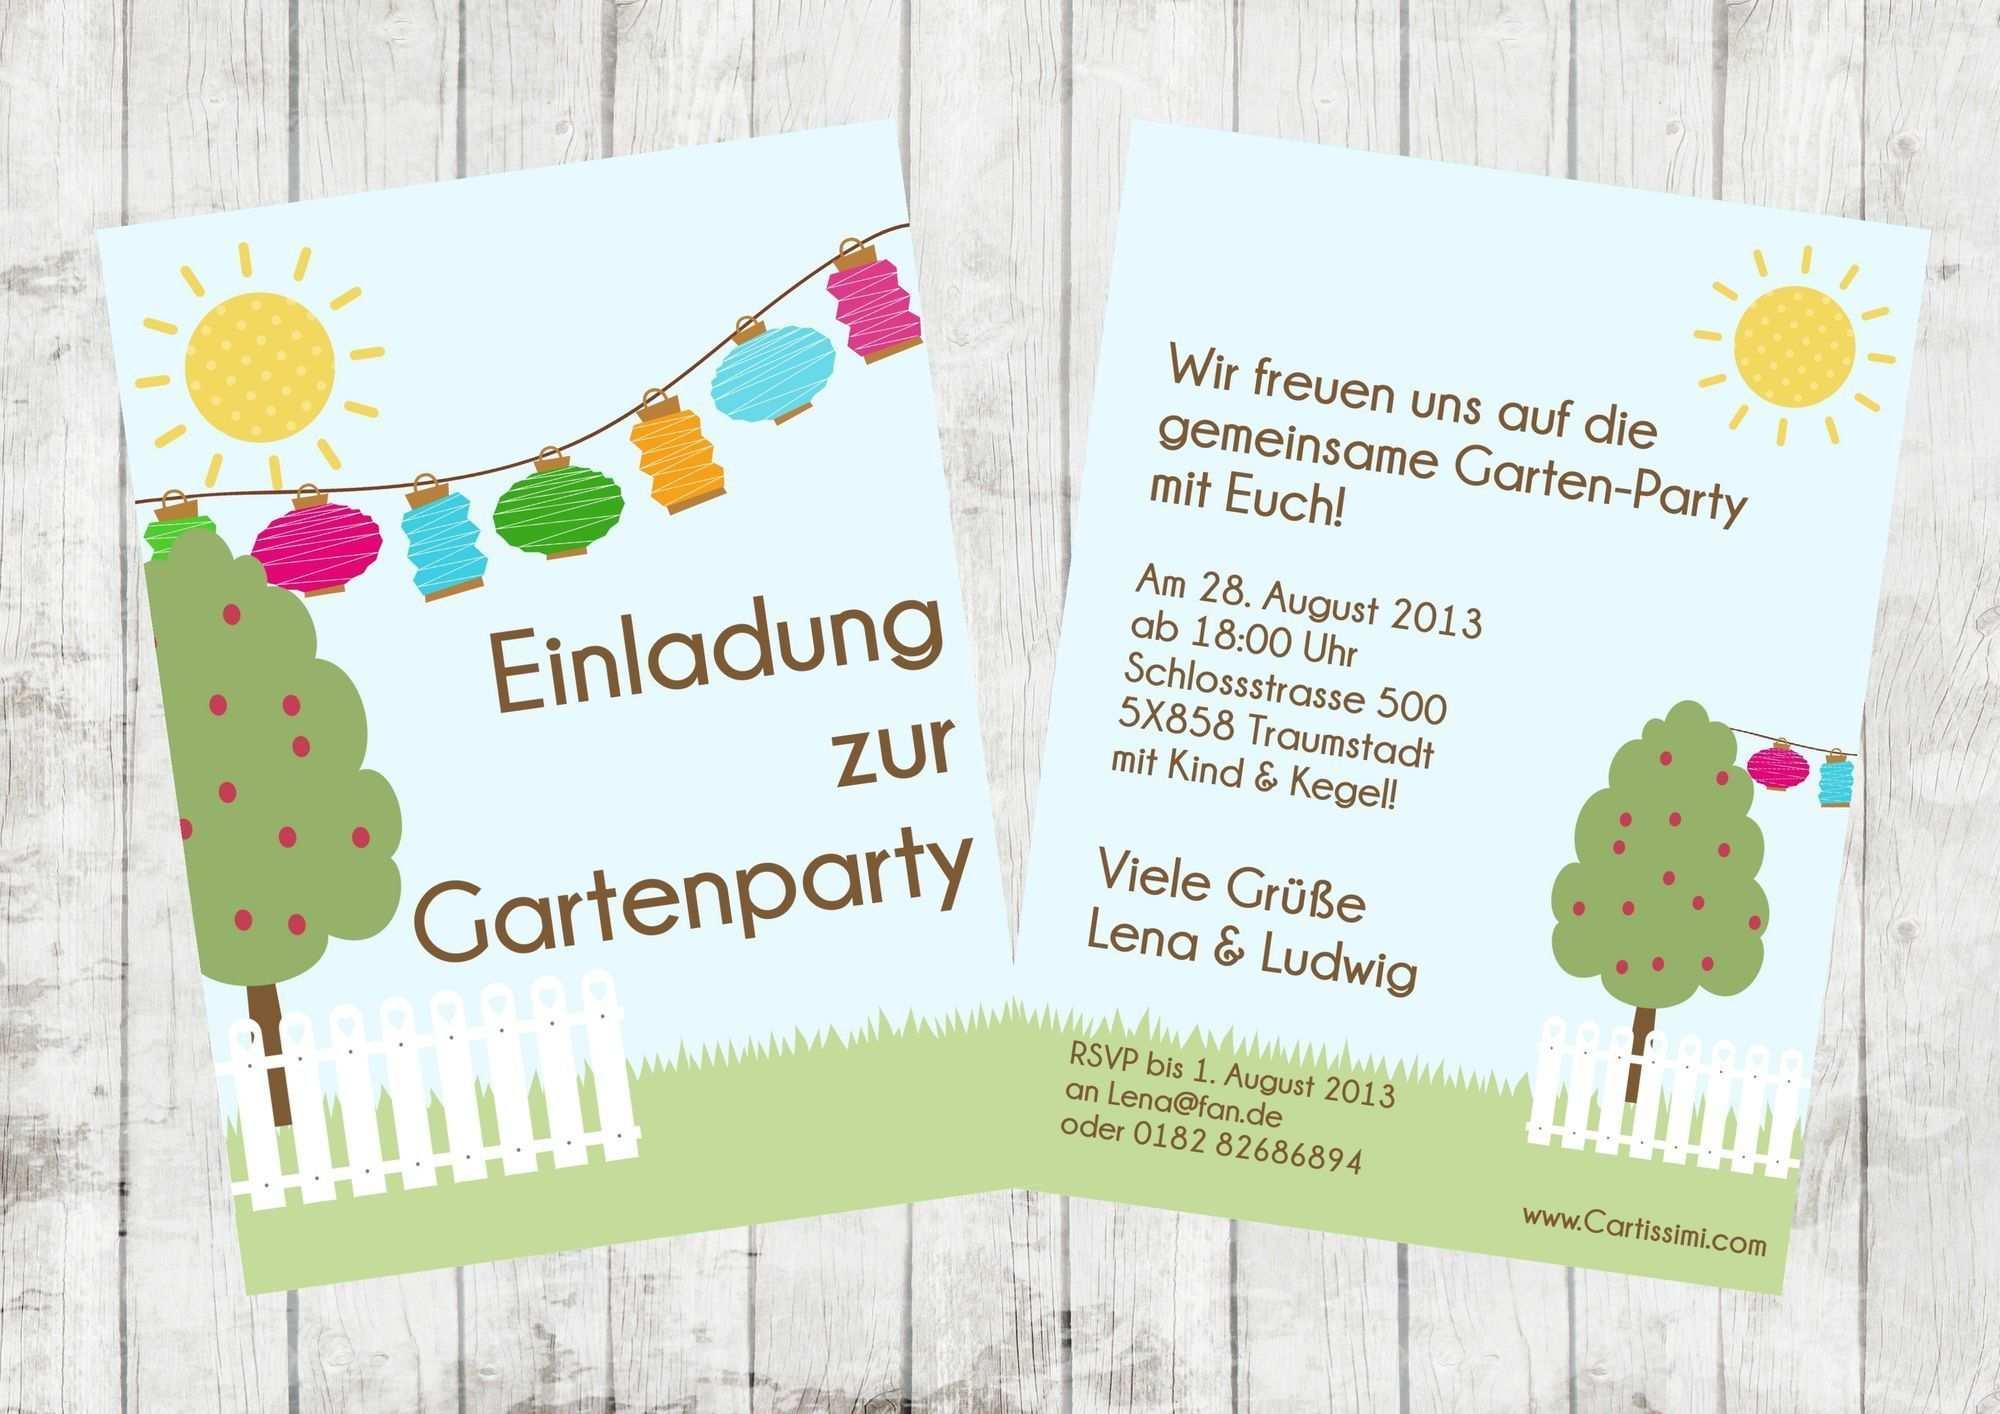 Einladung Gartenparty 30 Geburtstag Einladung Gartenparty Selbst